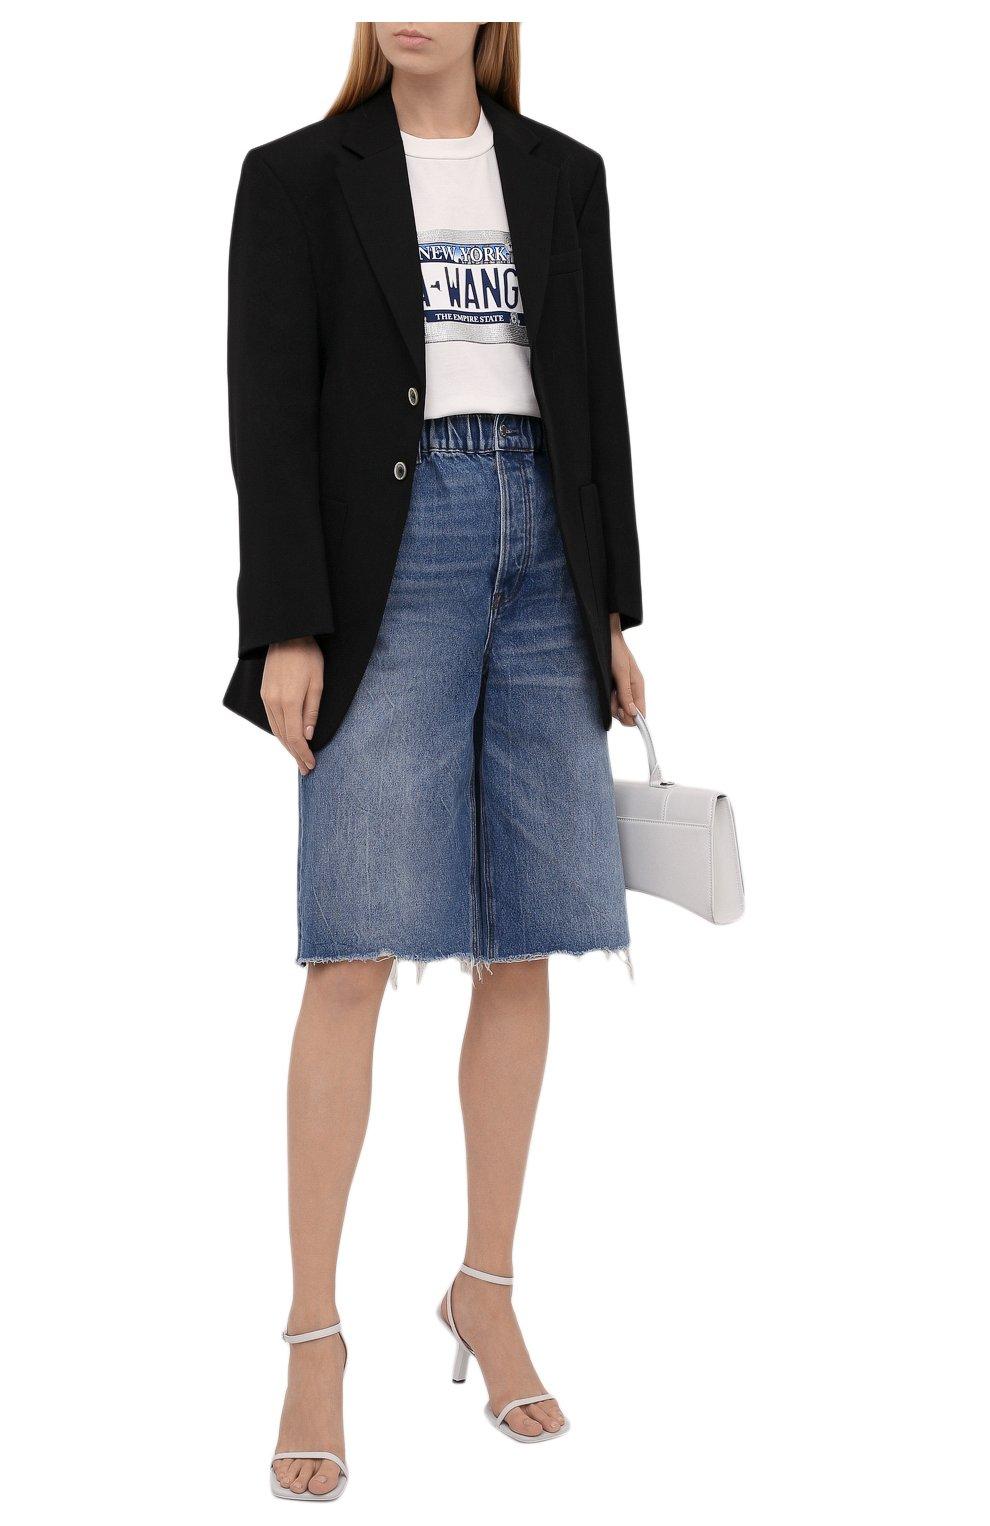 Женские джинсовые шорты DENIM X ALEXANDER WANG синего цвета, арт. 4DC4214034   Фото 2 (Женское Кросс-КТ: Шорты-одежда; Кросс-КТ: Деним, Широкие; Материал внешний: Хлопок; Длина Ж (юбки, платья, шорты): Миди; Стили: Кэжуэл)